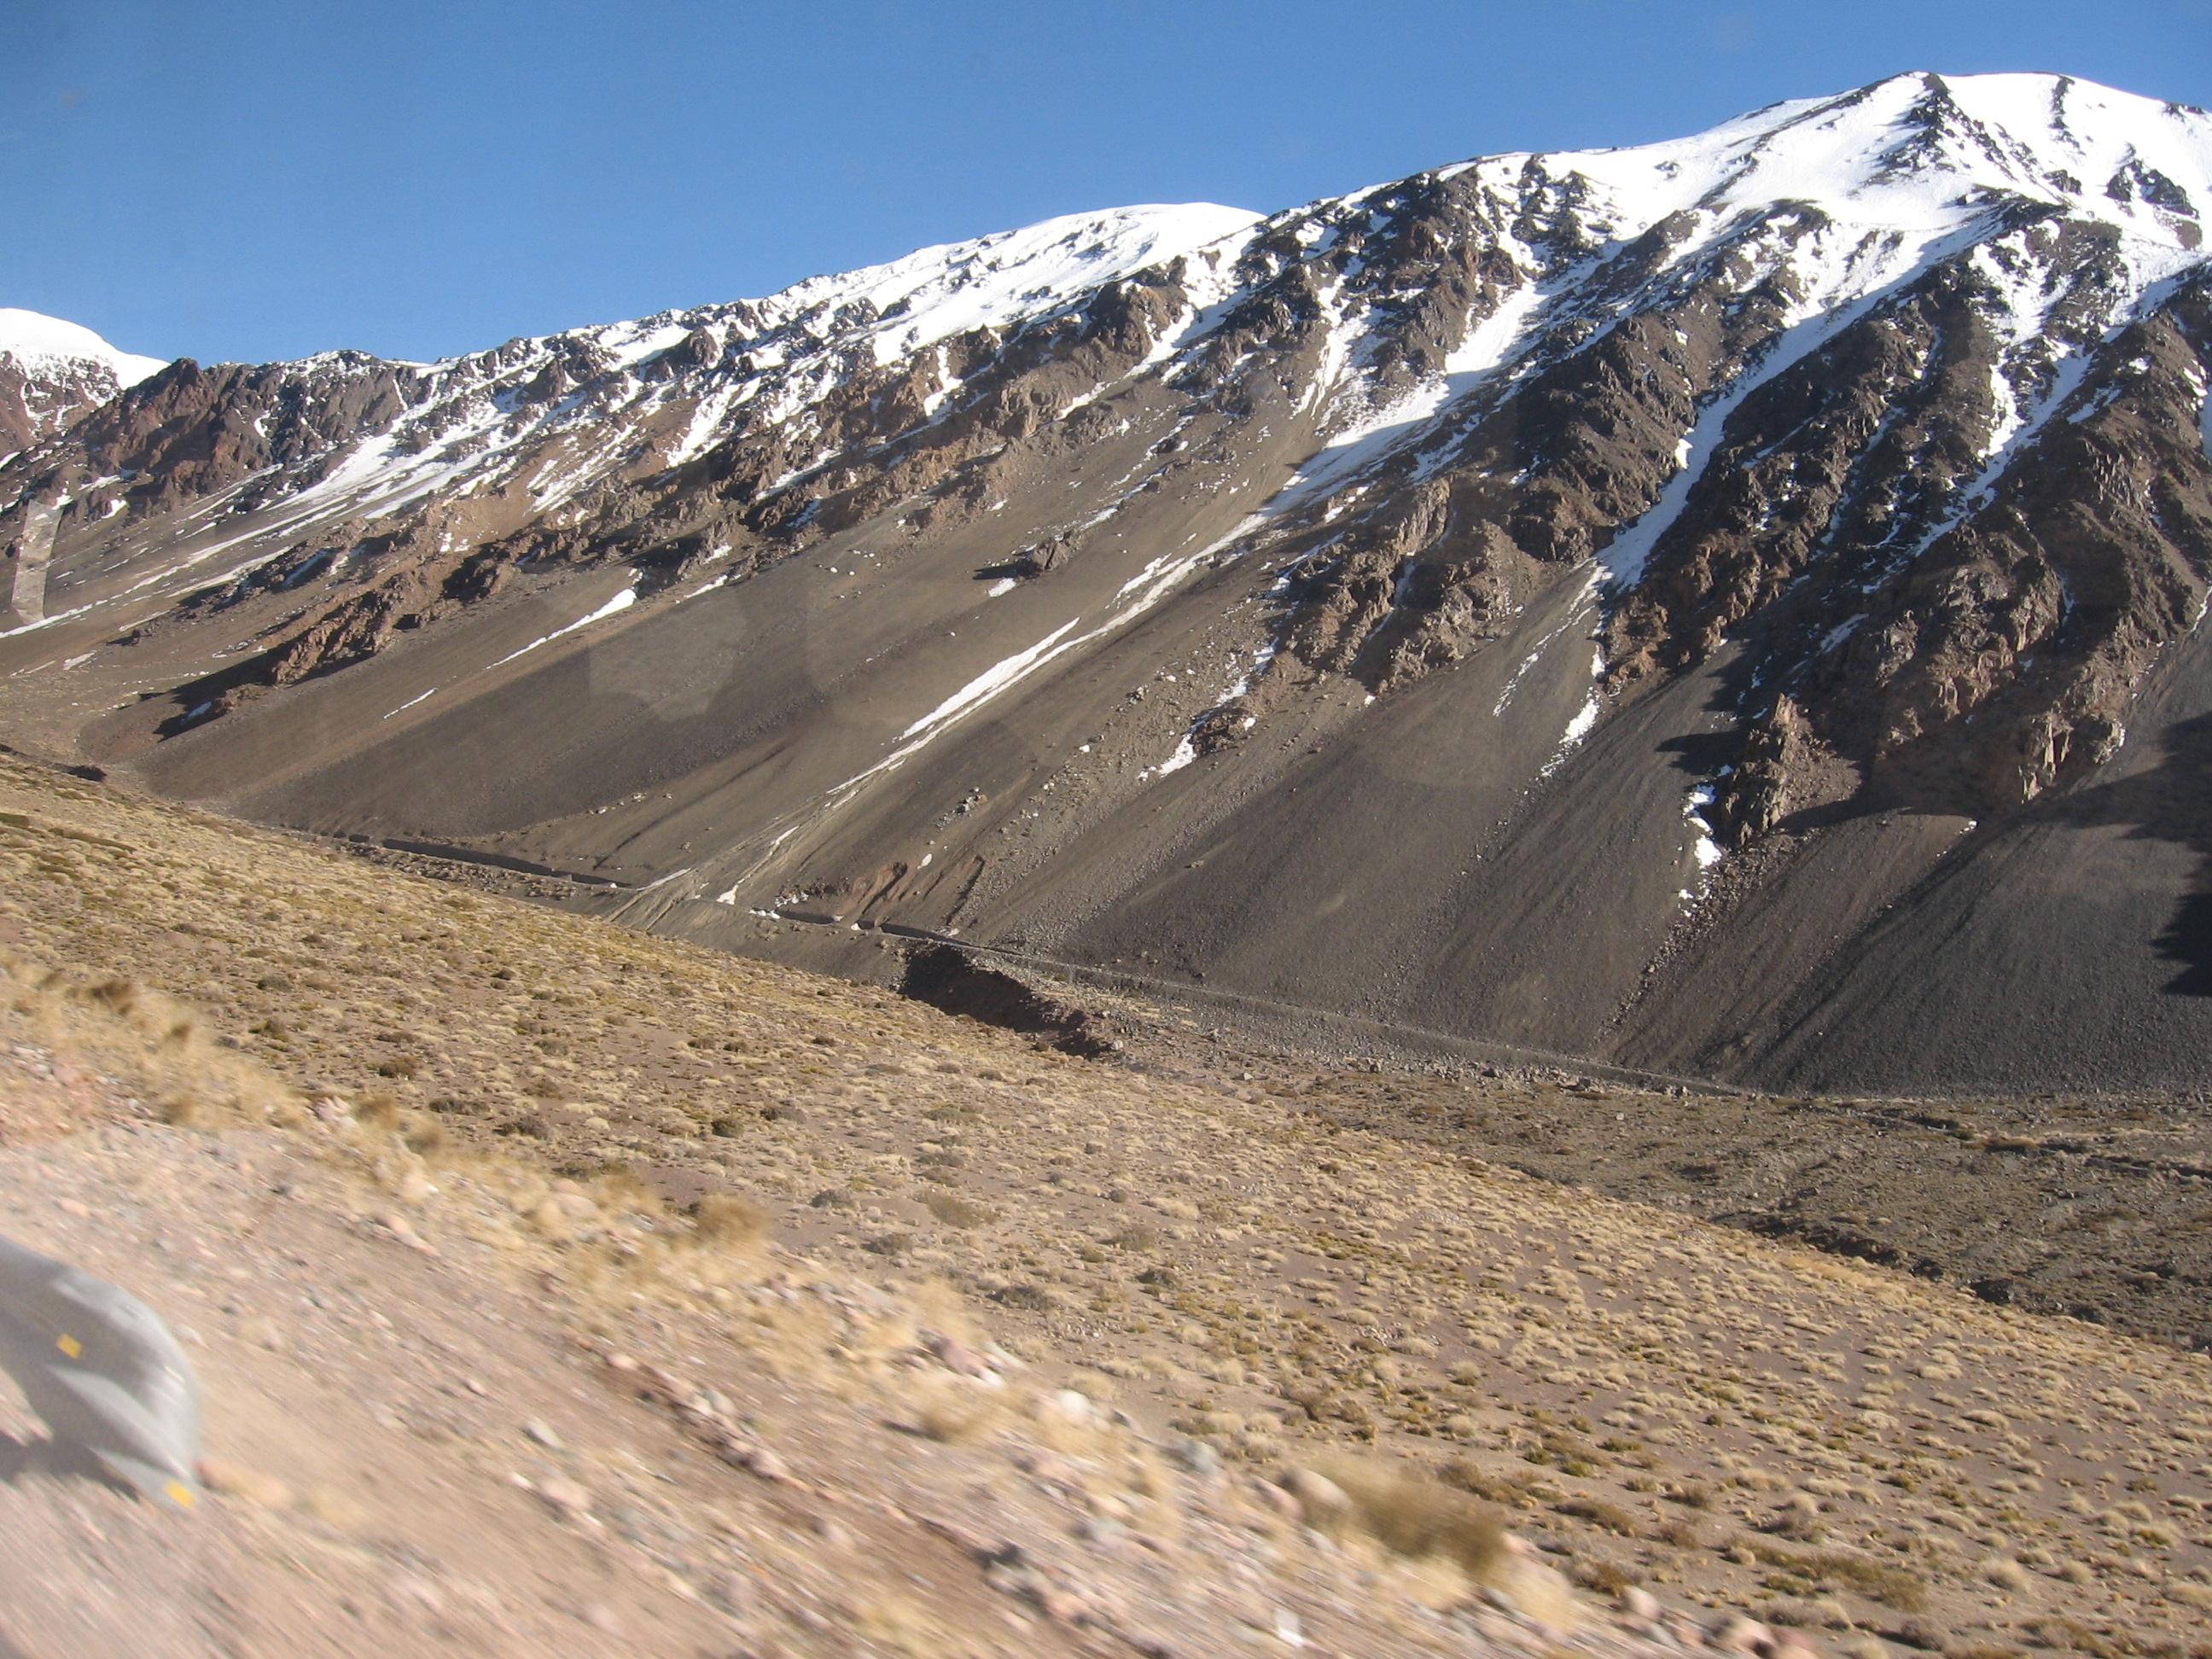 Wallpapers Montañas Nevadas: Las Mejores Imagenes De La Naturaleza